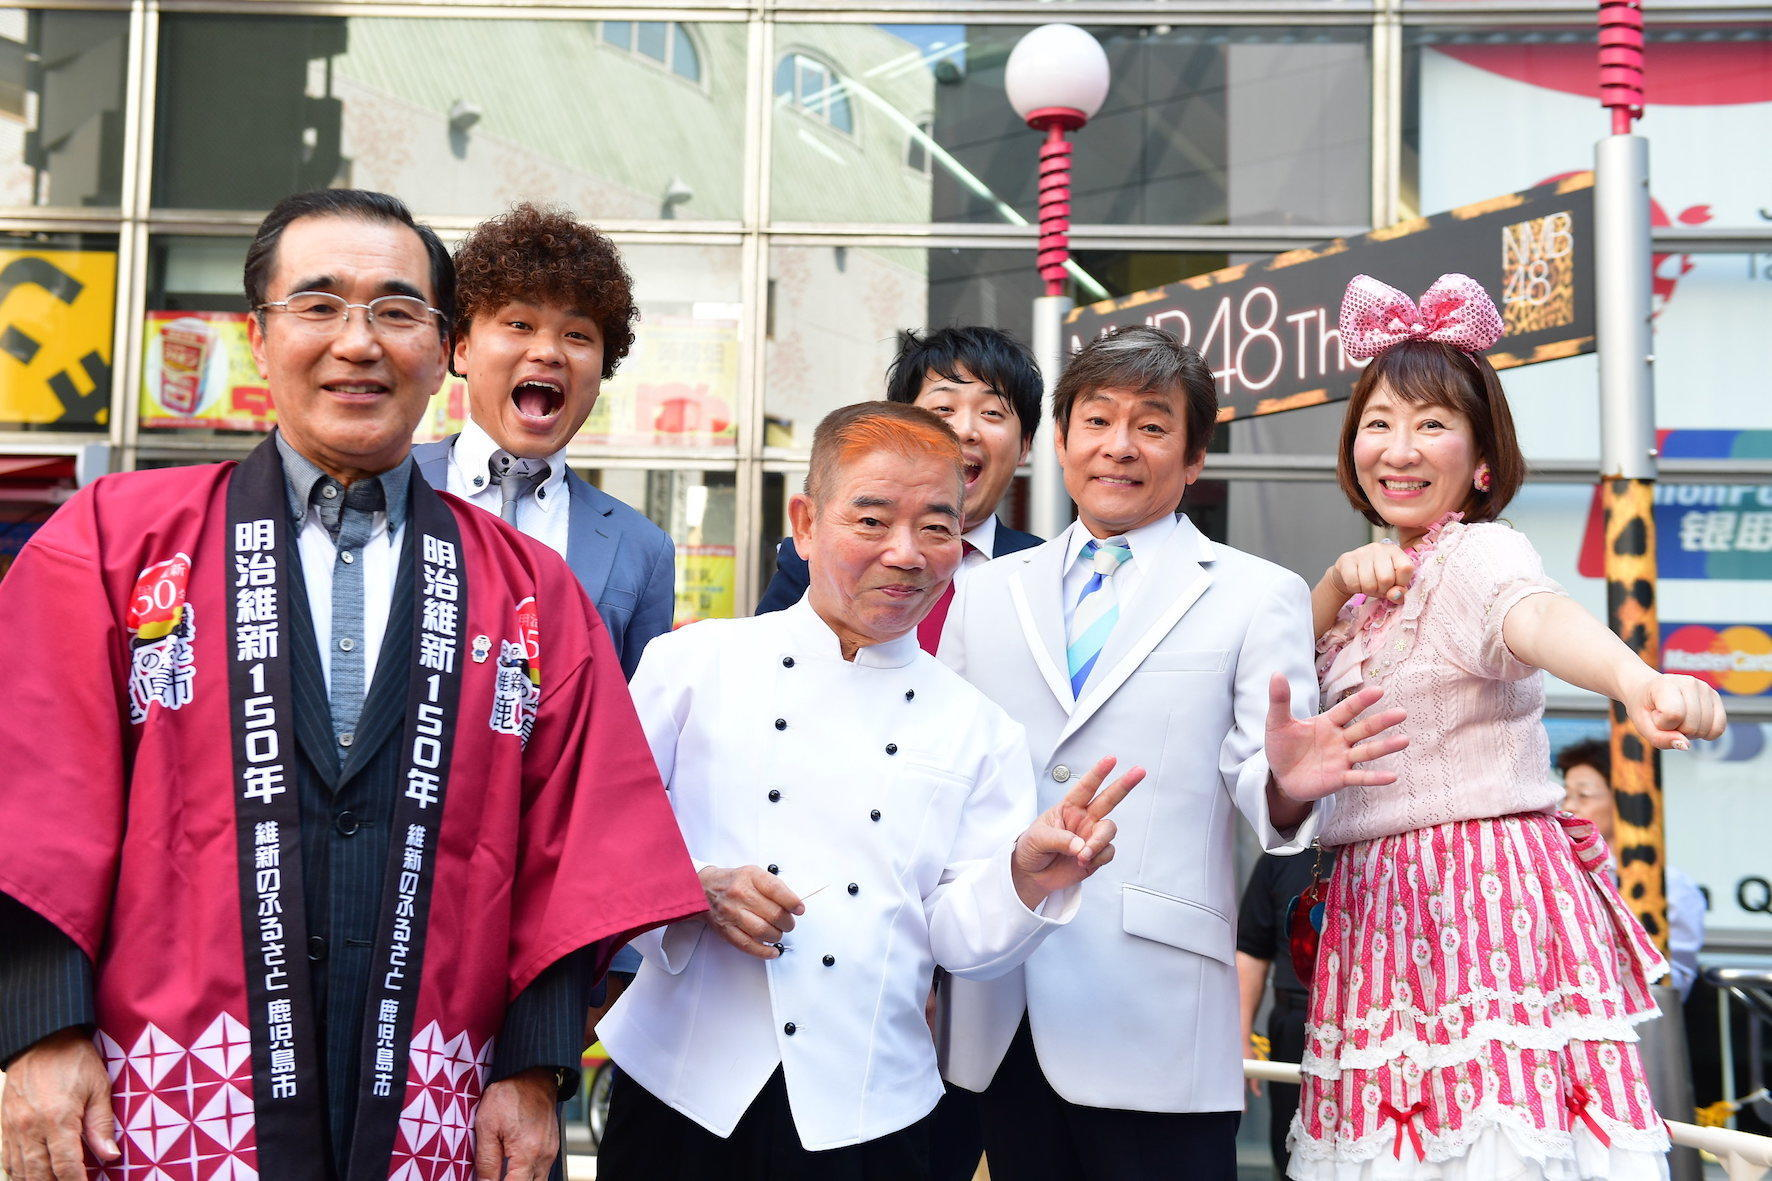 http://news.yoshimoto.co.jp/20180720190408-b915ffaa5446e987b9769a8643bcd3c9513d6a9b.jpg